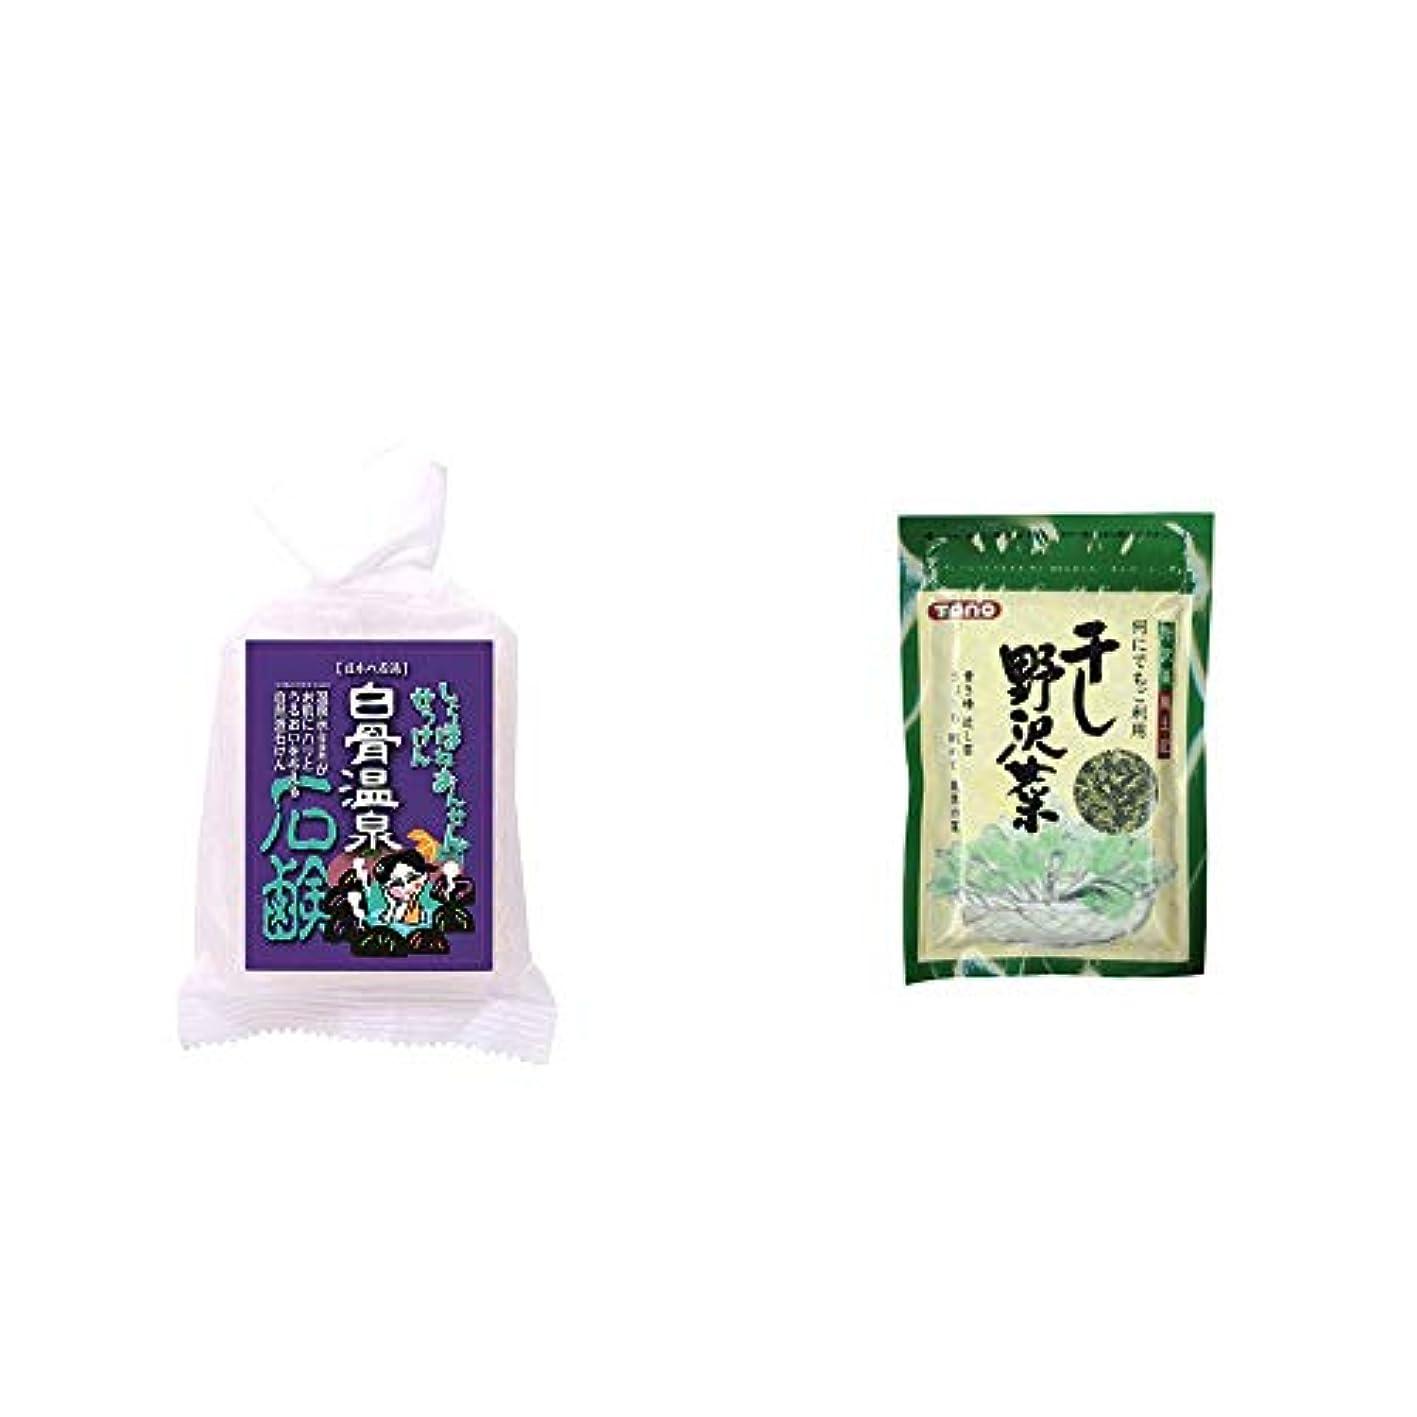 バーベキュー期間昇る[2点セット] 信州 白骨温泉石鹸(80g)?干し野沢菜(100g)